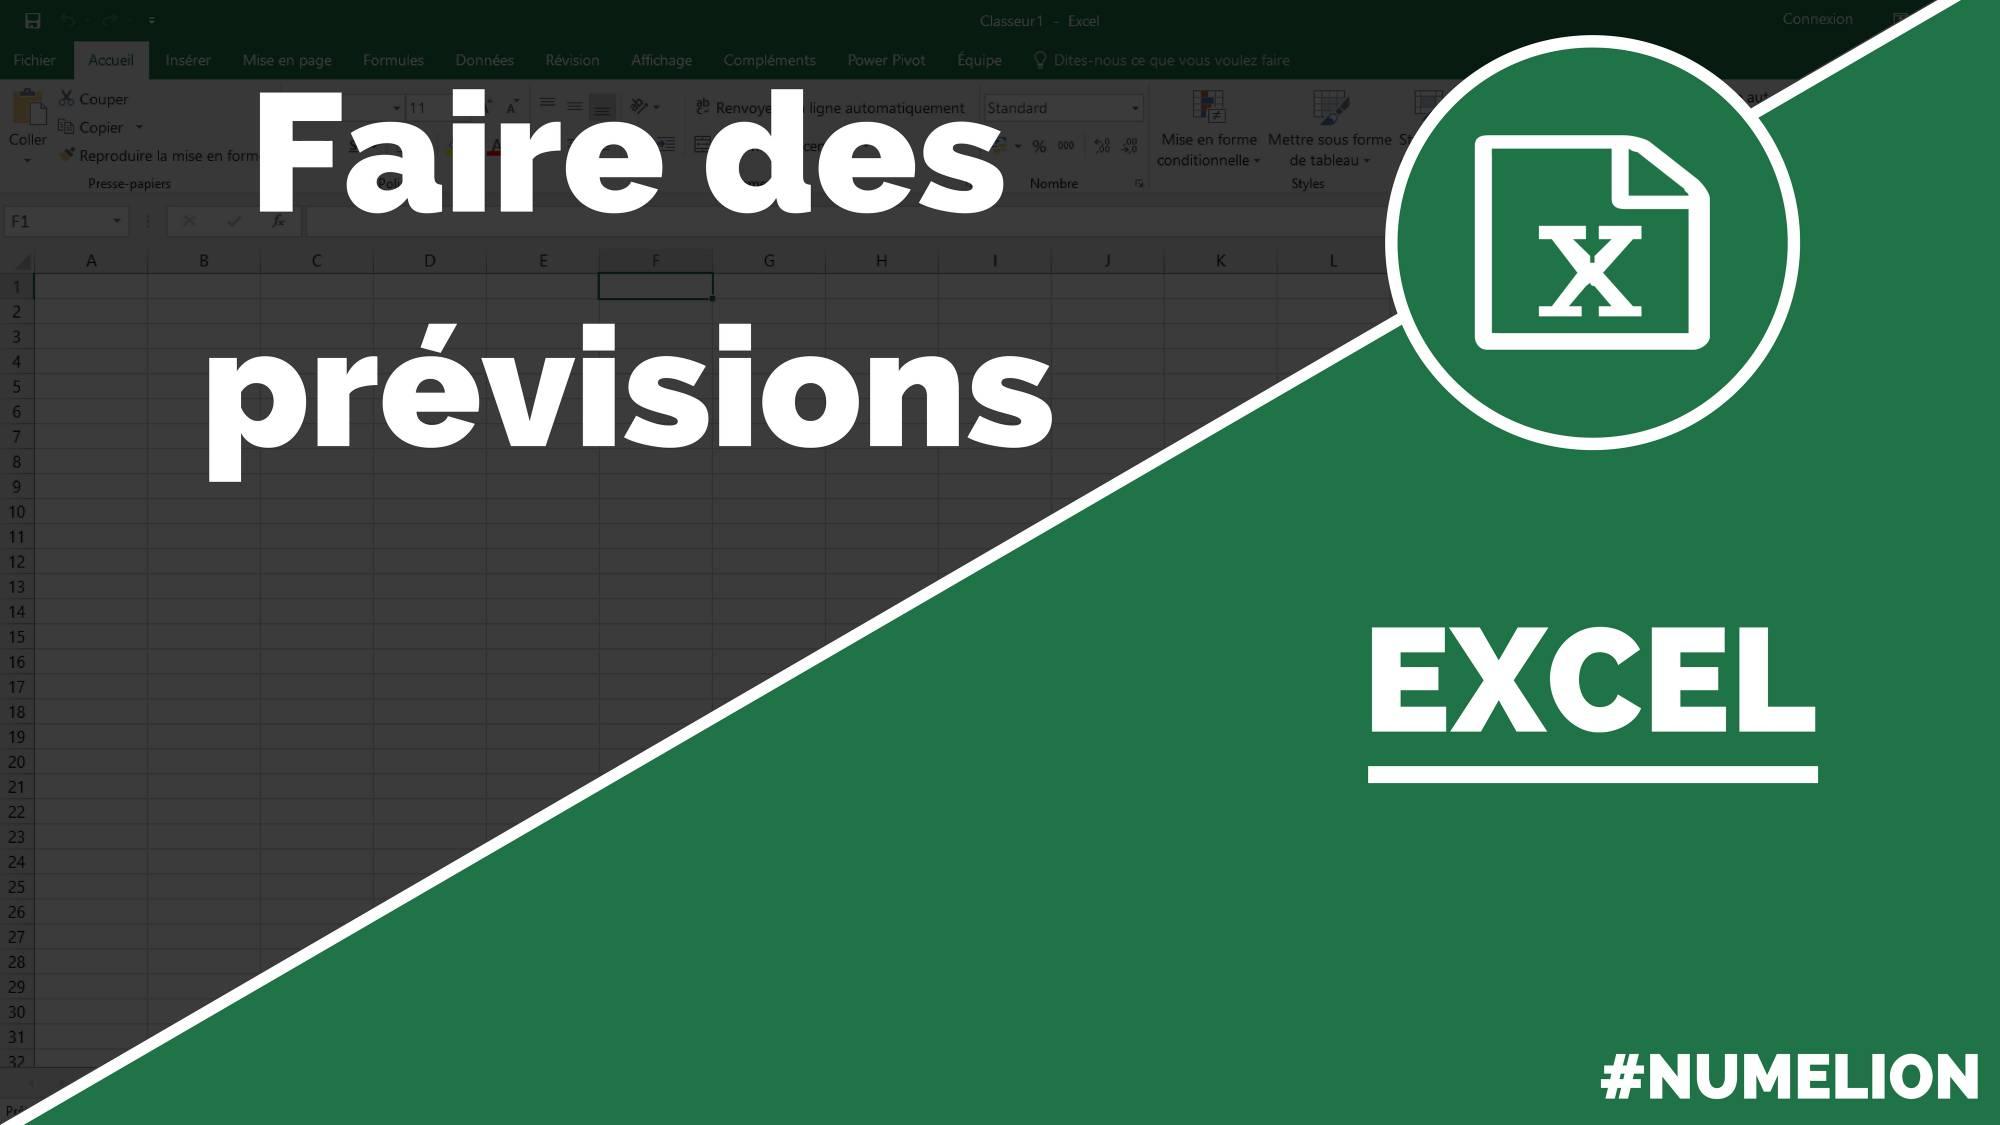 Faire Des Previsions Avec Excel Chiffre D Affaires Ventes